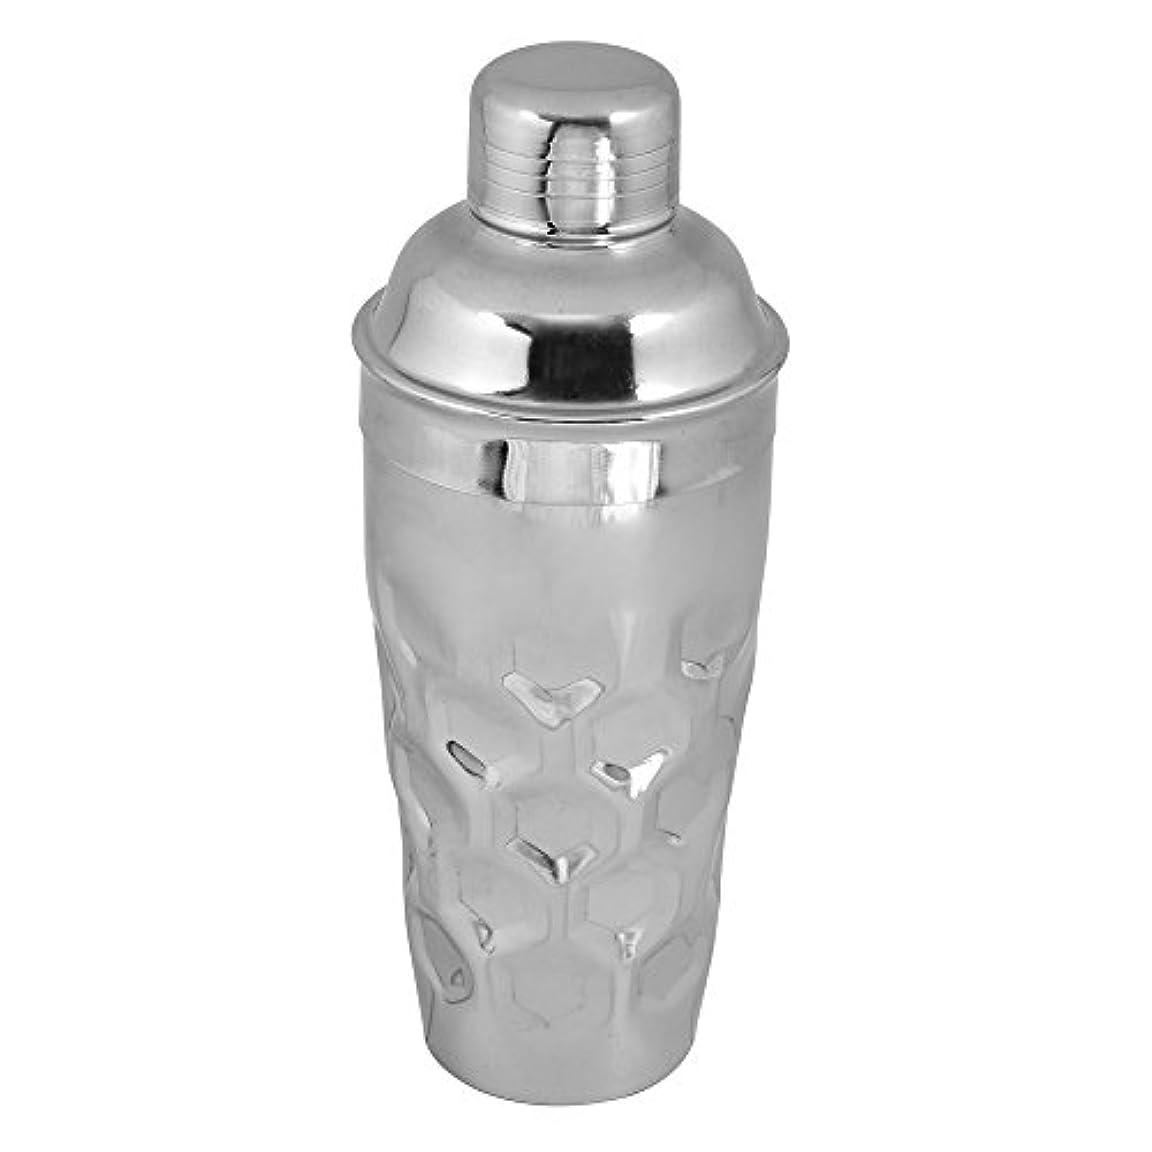 (750ml Octagonal) - Kosma Stainless Steel Designer Cocktail Shaker Mocktail Shaker - (Hammered finish) - 750 ml